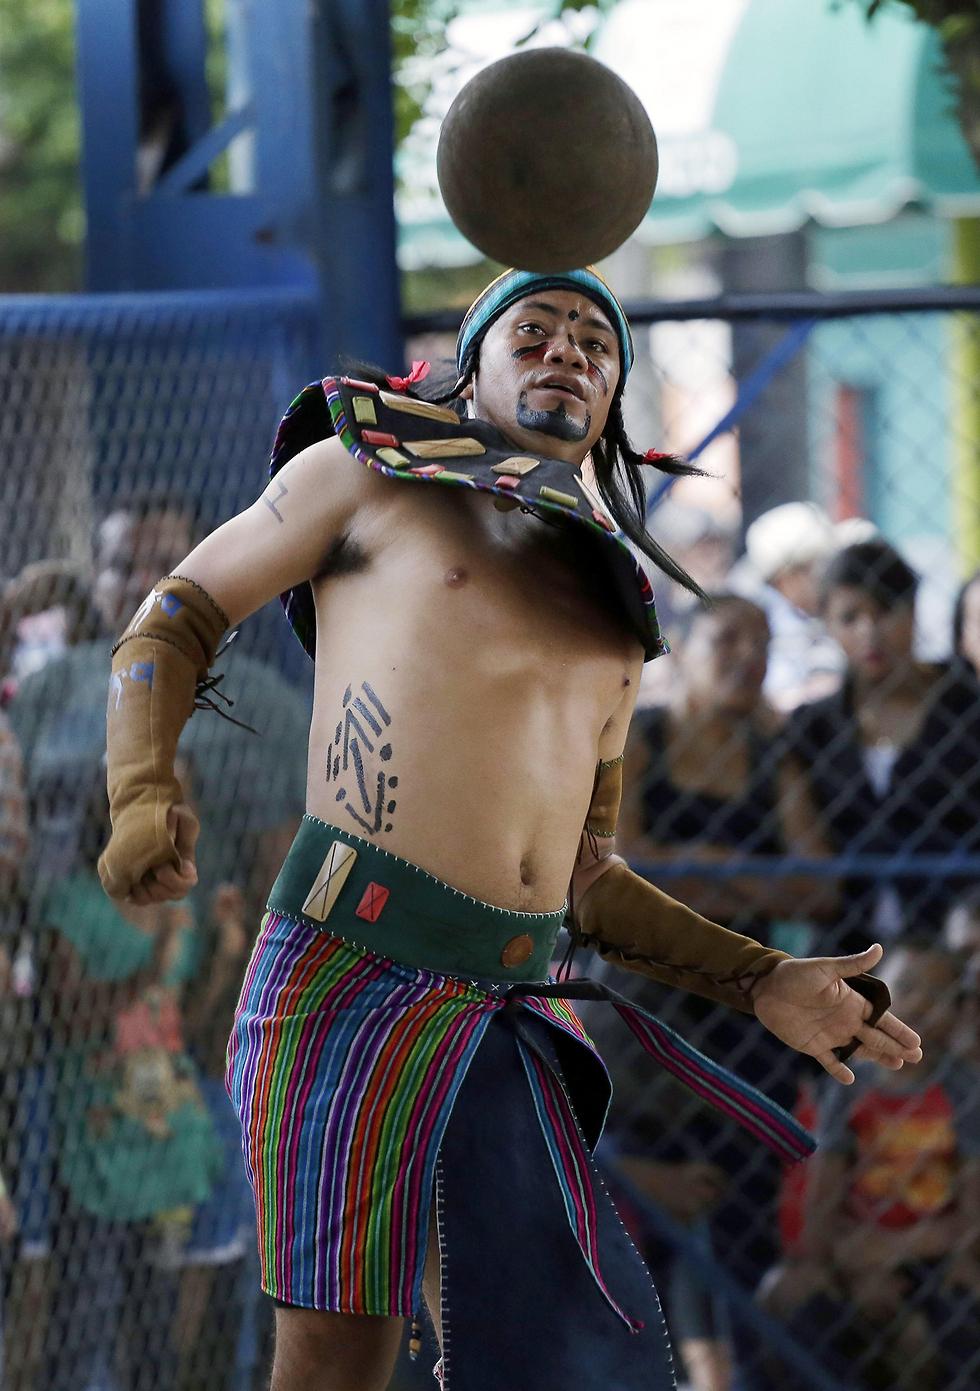 פסטיבל משחק כדור של שבט המאיה באל-סלבדור (צילום: EPA) (צילום: EPA)